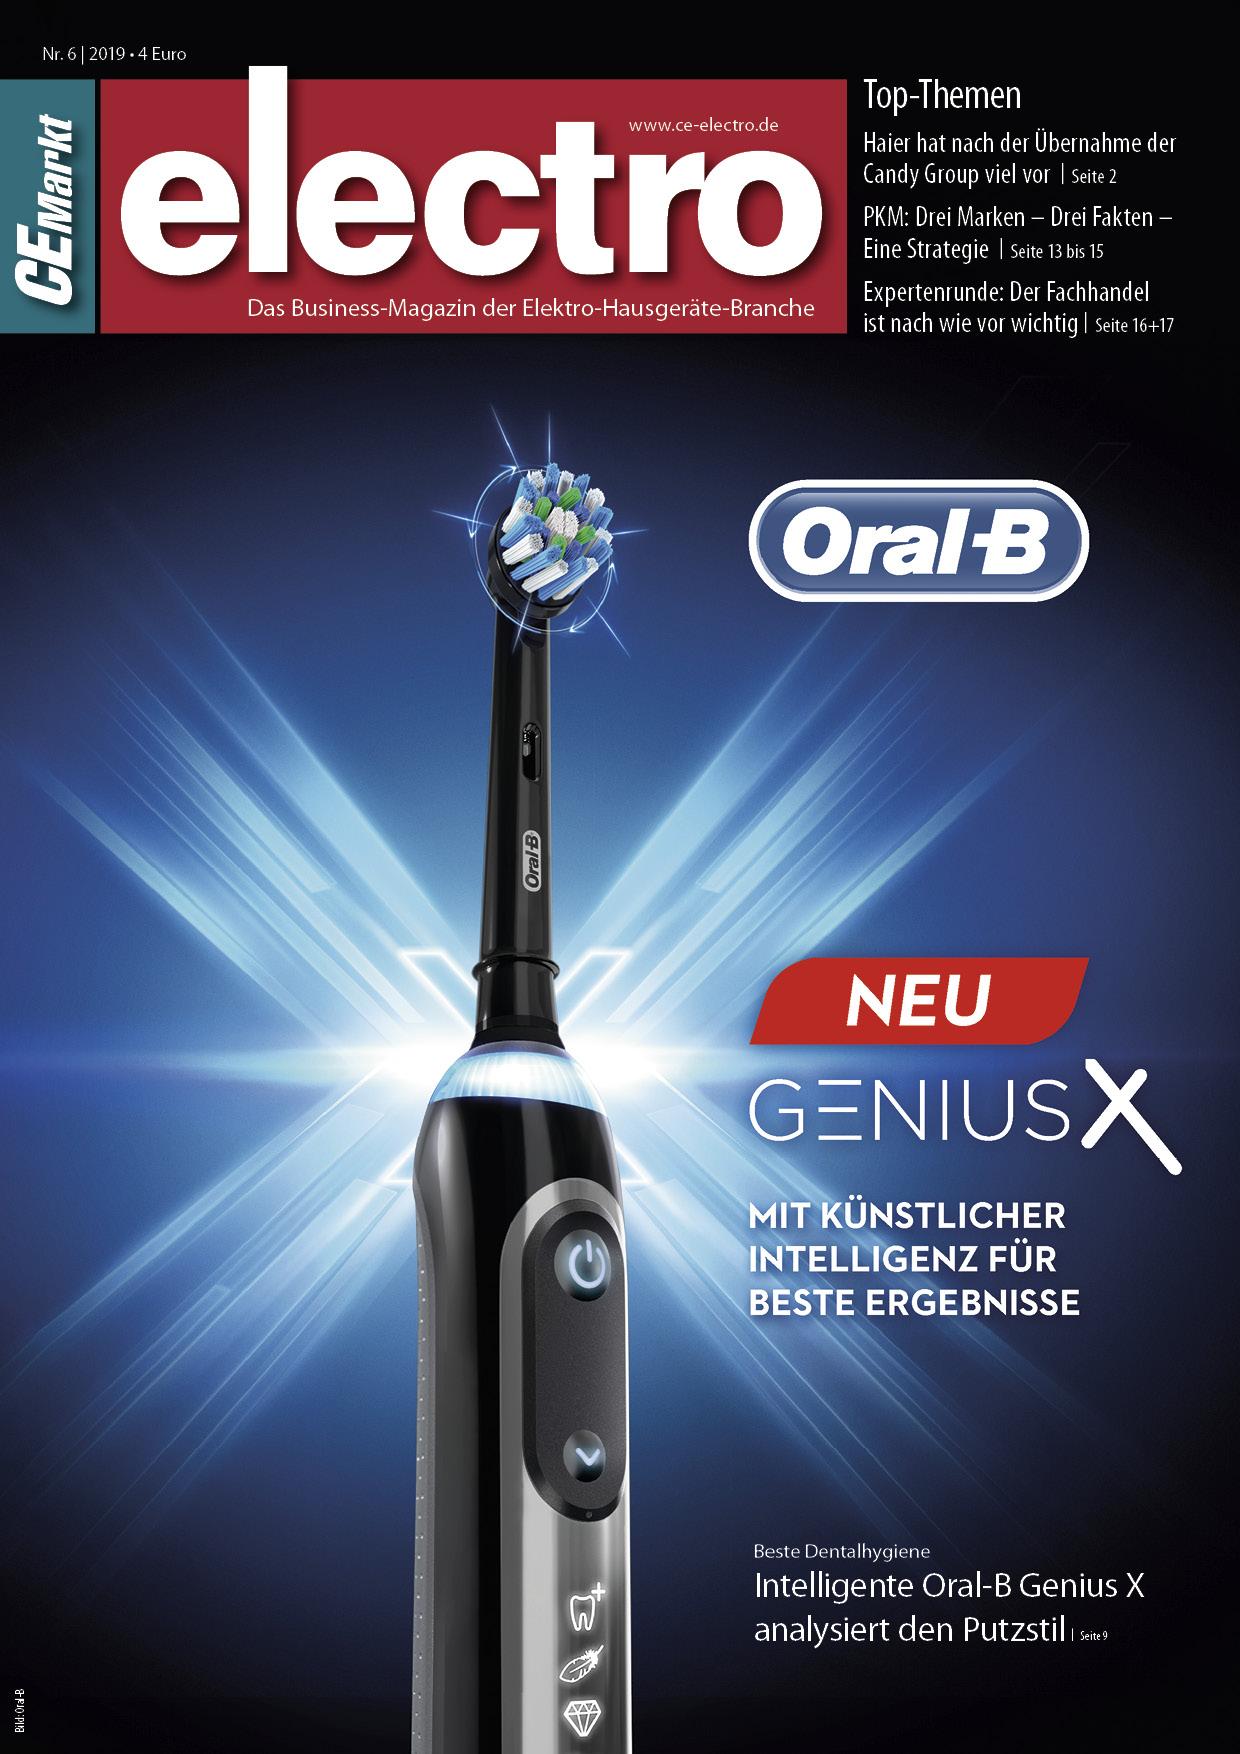 CE-Markt electro Titelseite des Hefts 6/2019.